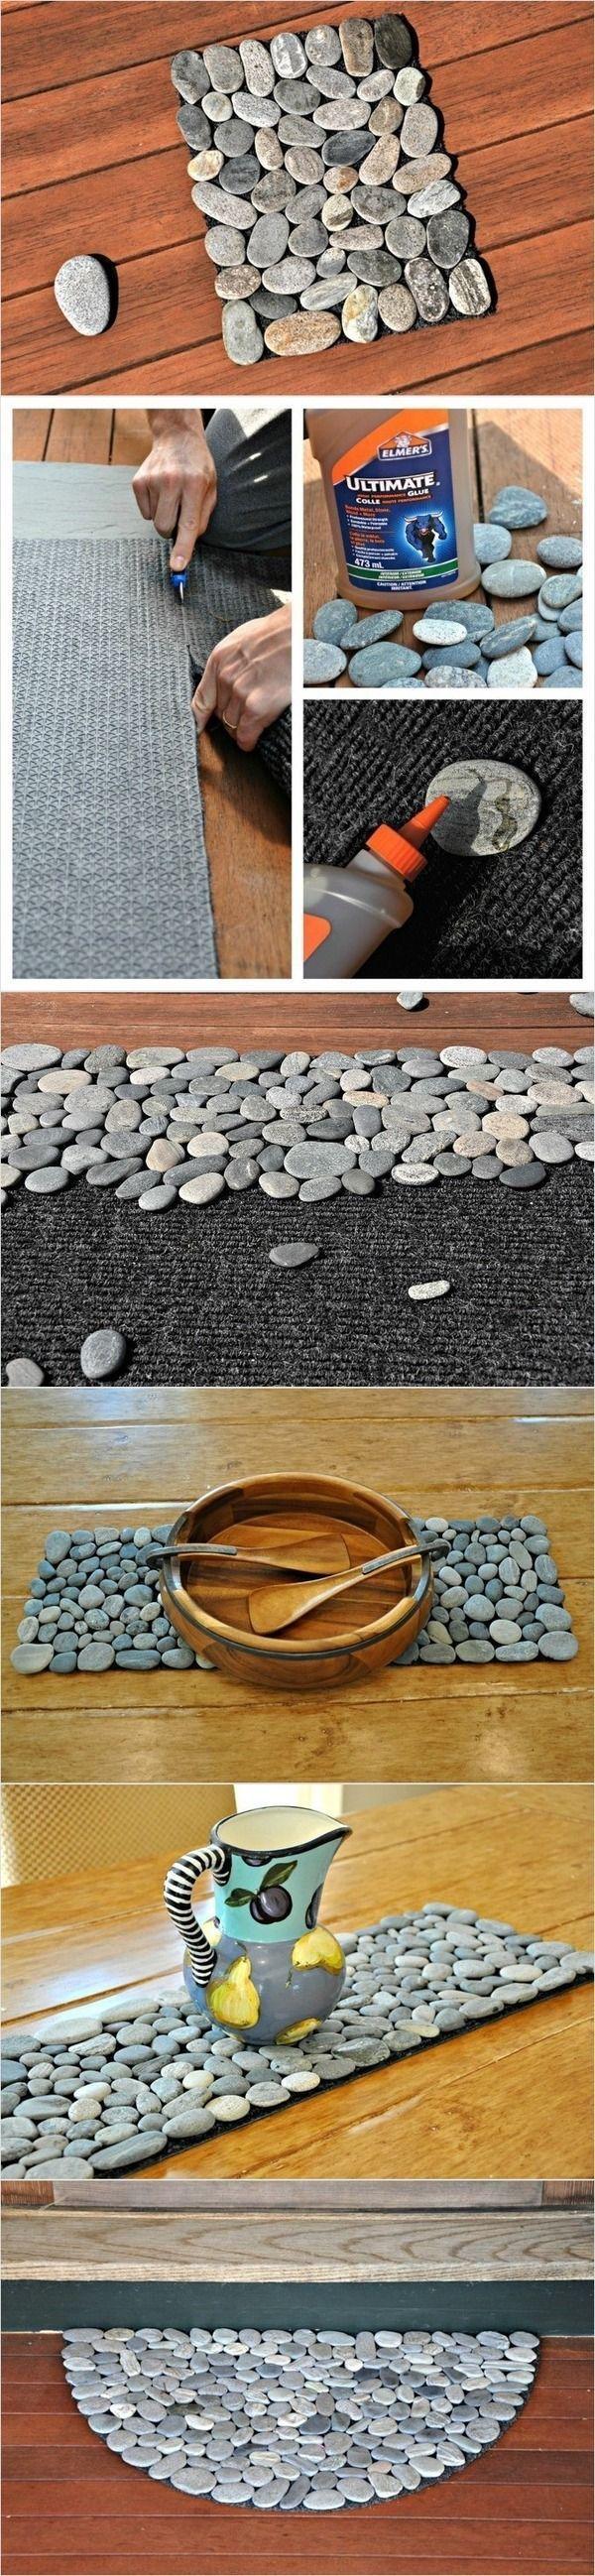 DIY Pebble Mat ❤︎ Great Gift Idea